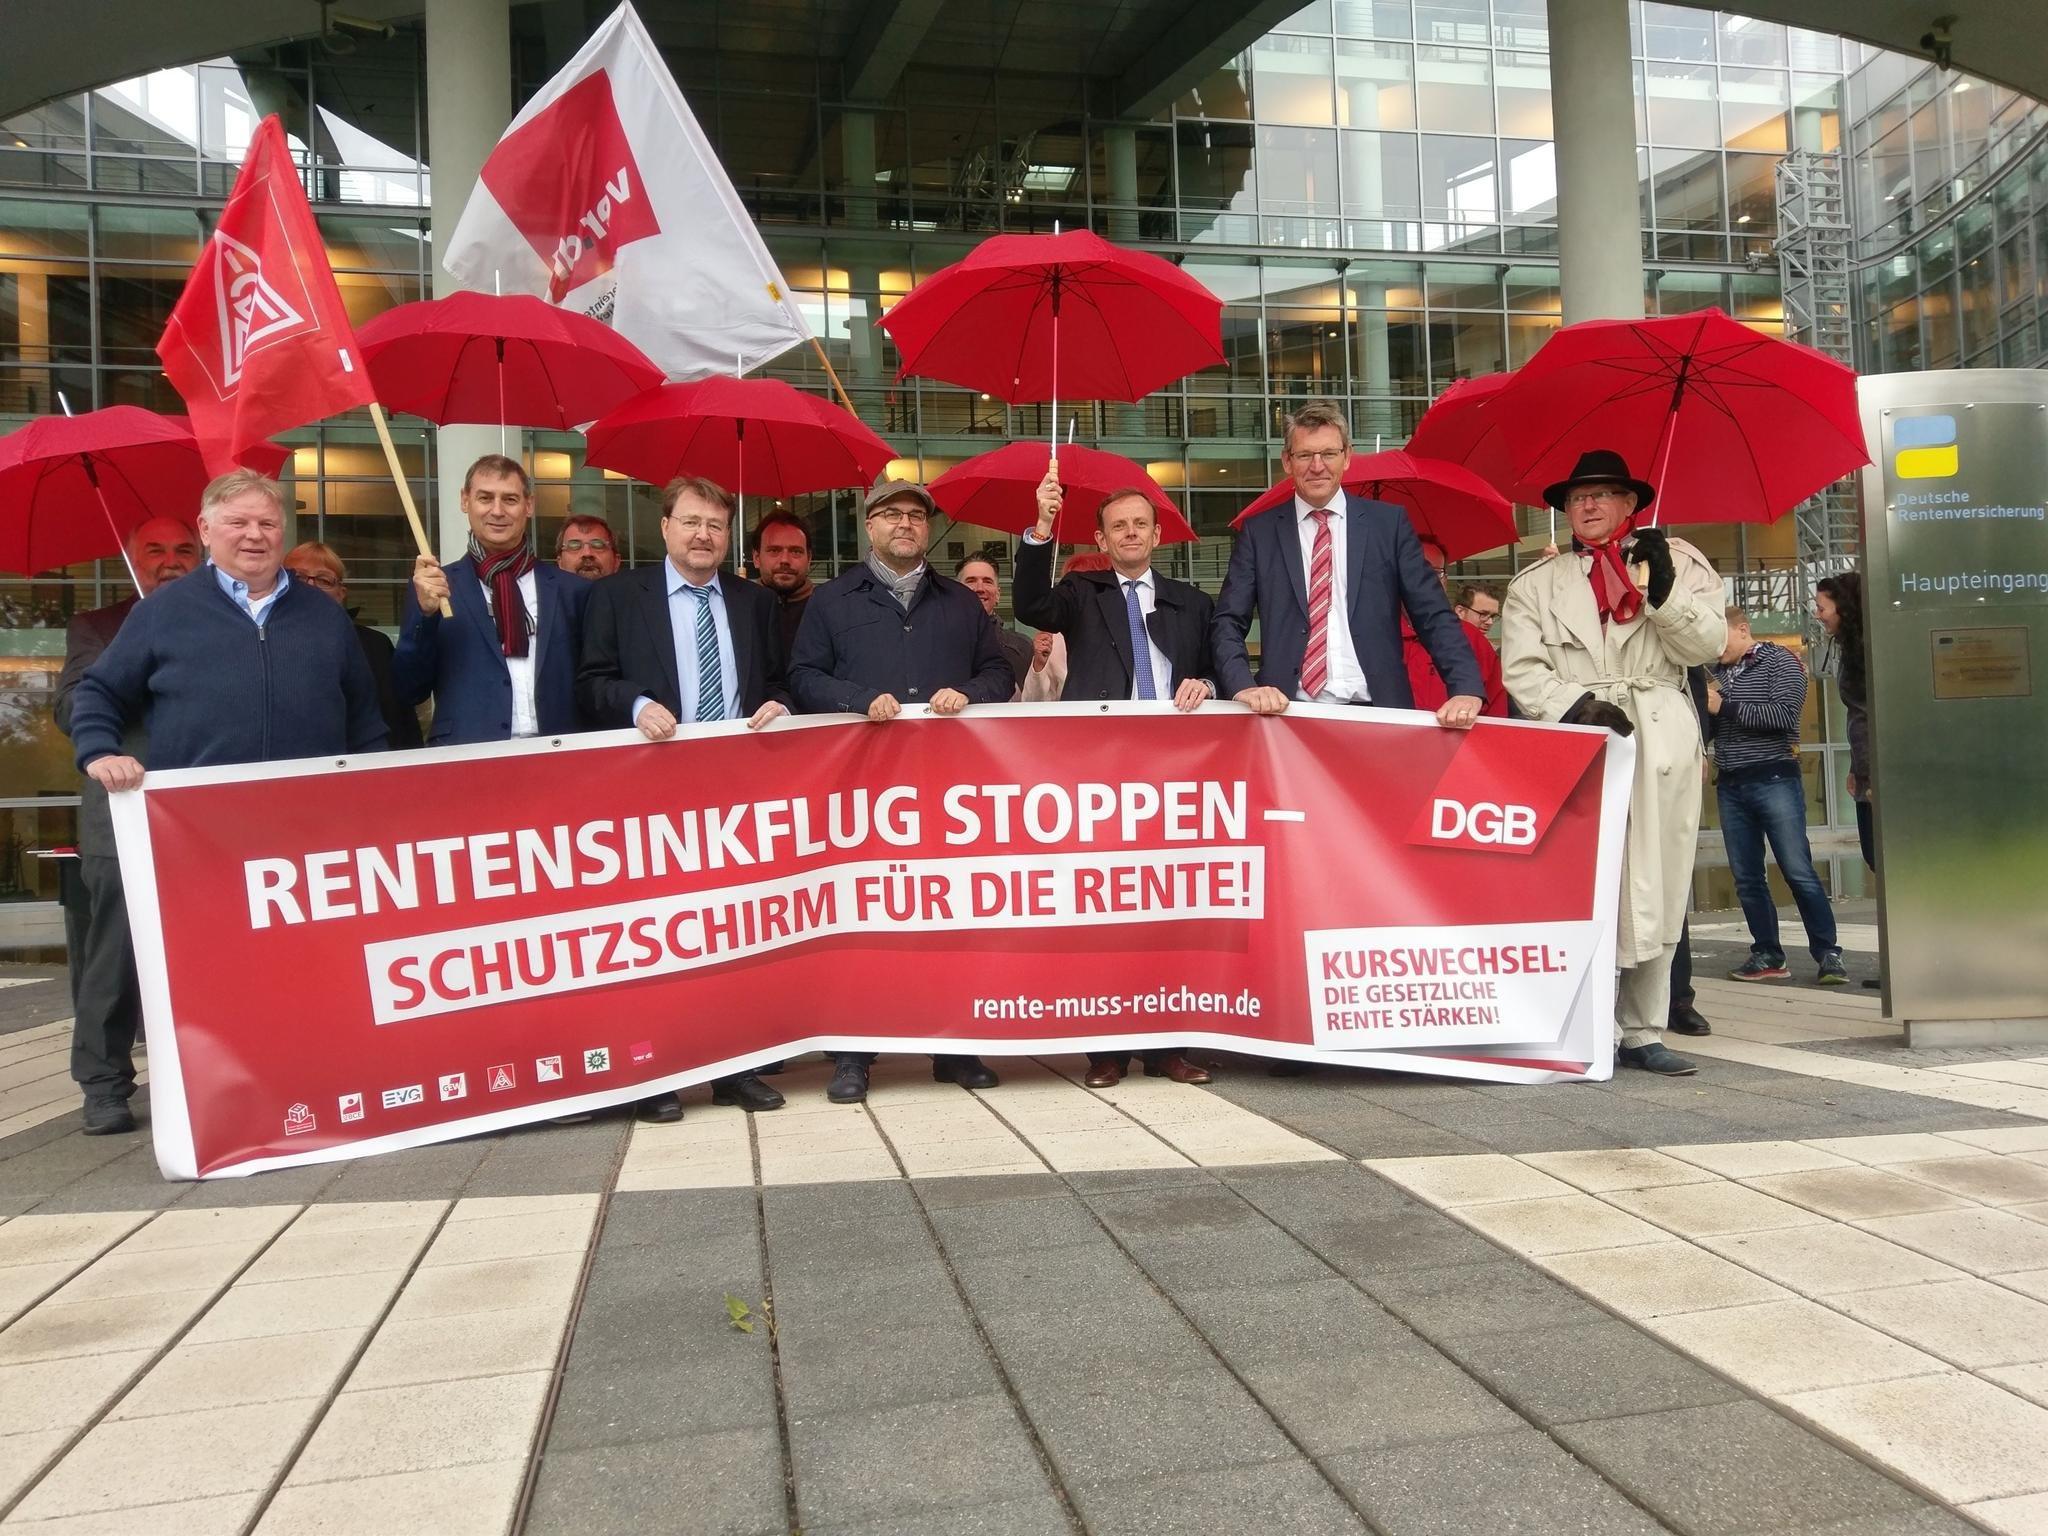 Schutzschirm-Aktion vor der DRV-Delegiertenversammlung 14.9. in FFO